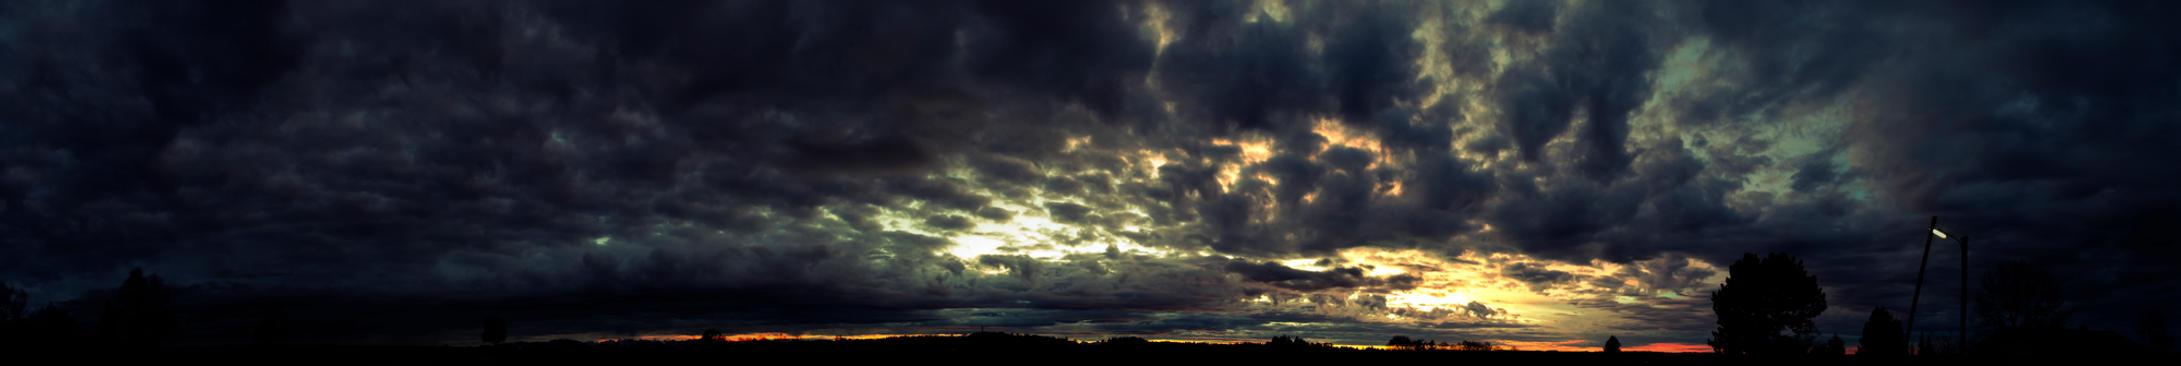 Storm Sky by Gamekiller48